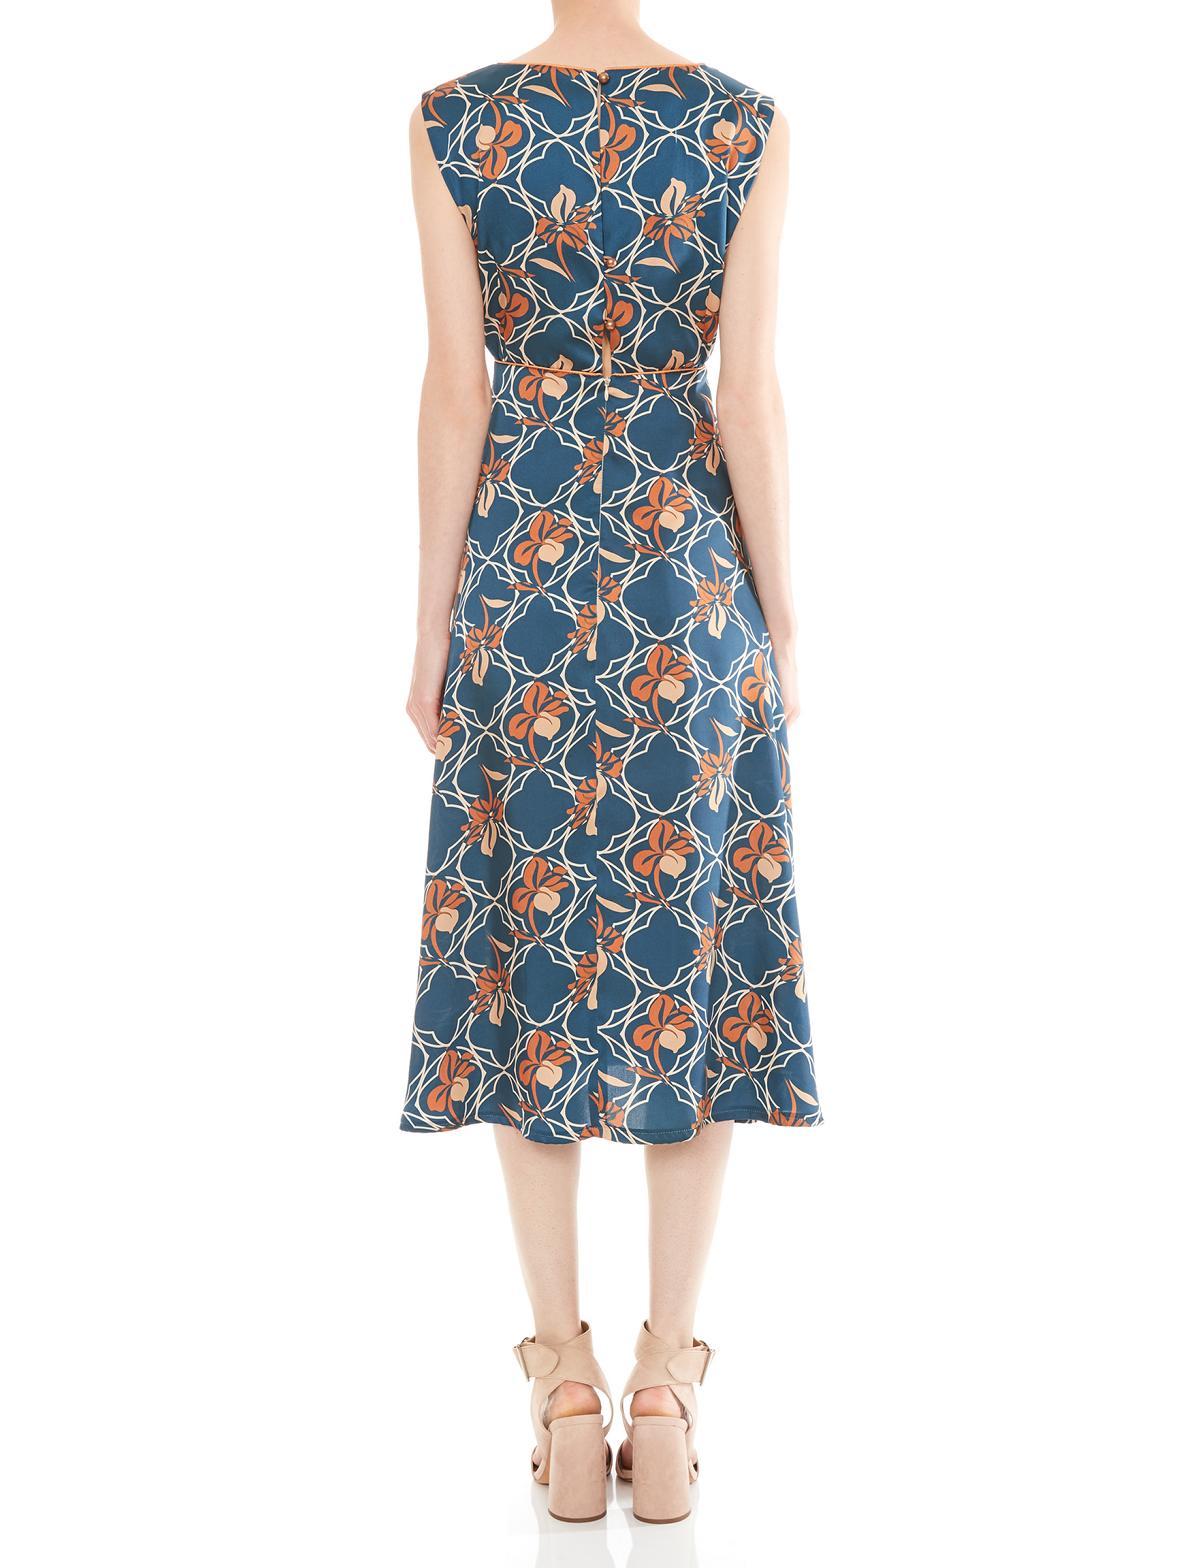 Rückansicht von Ana Alcazar Midi Kleid Manexis  angezogen an Model